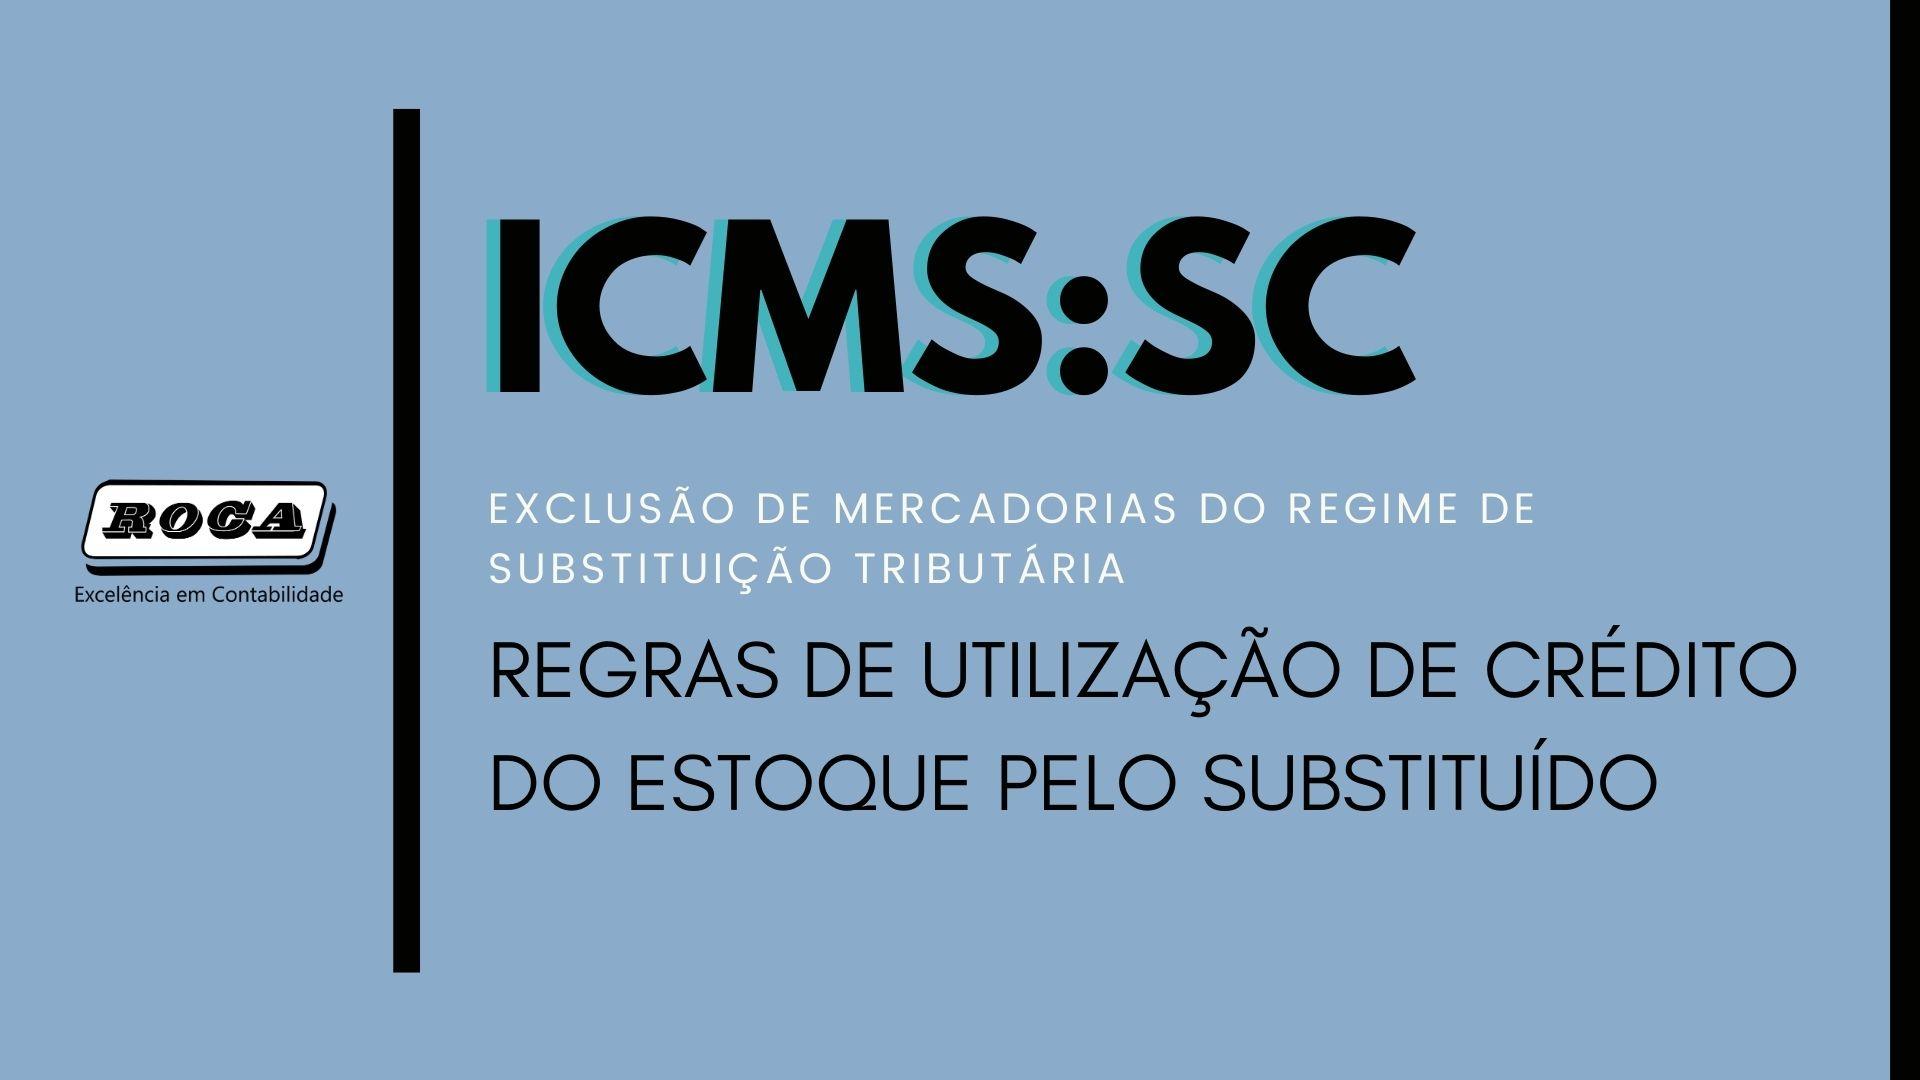 Sefaz-sc: EXCLUSÃO DE MERCADORIAS DO REGIME DE SUBSTITUIÇÃO TRIBUTÁRIA